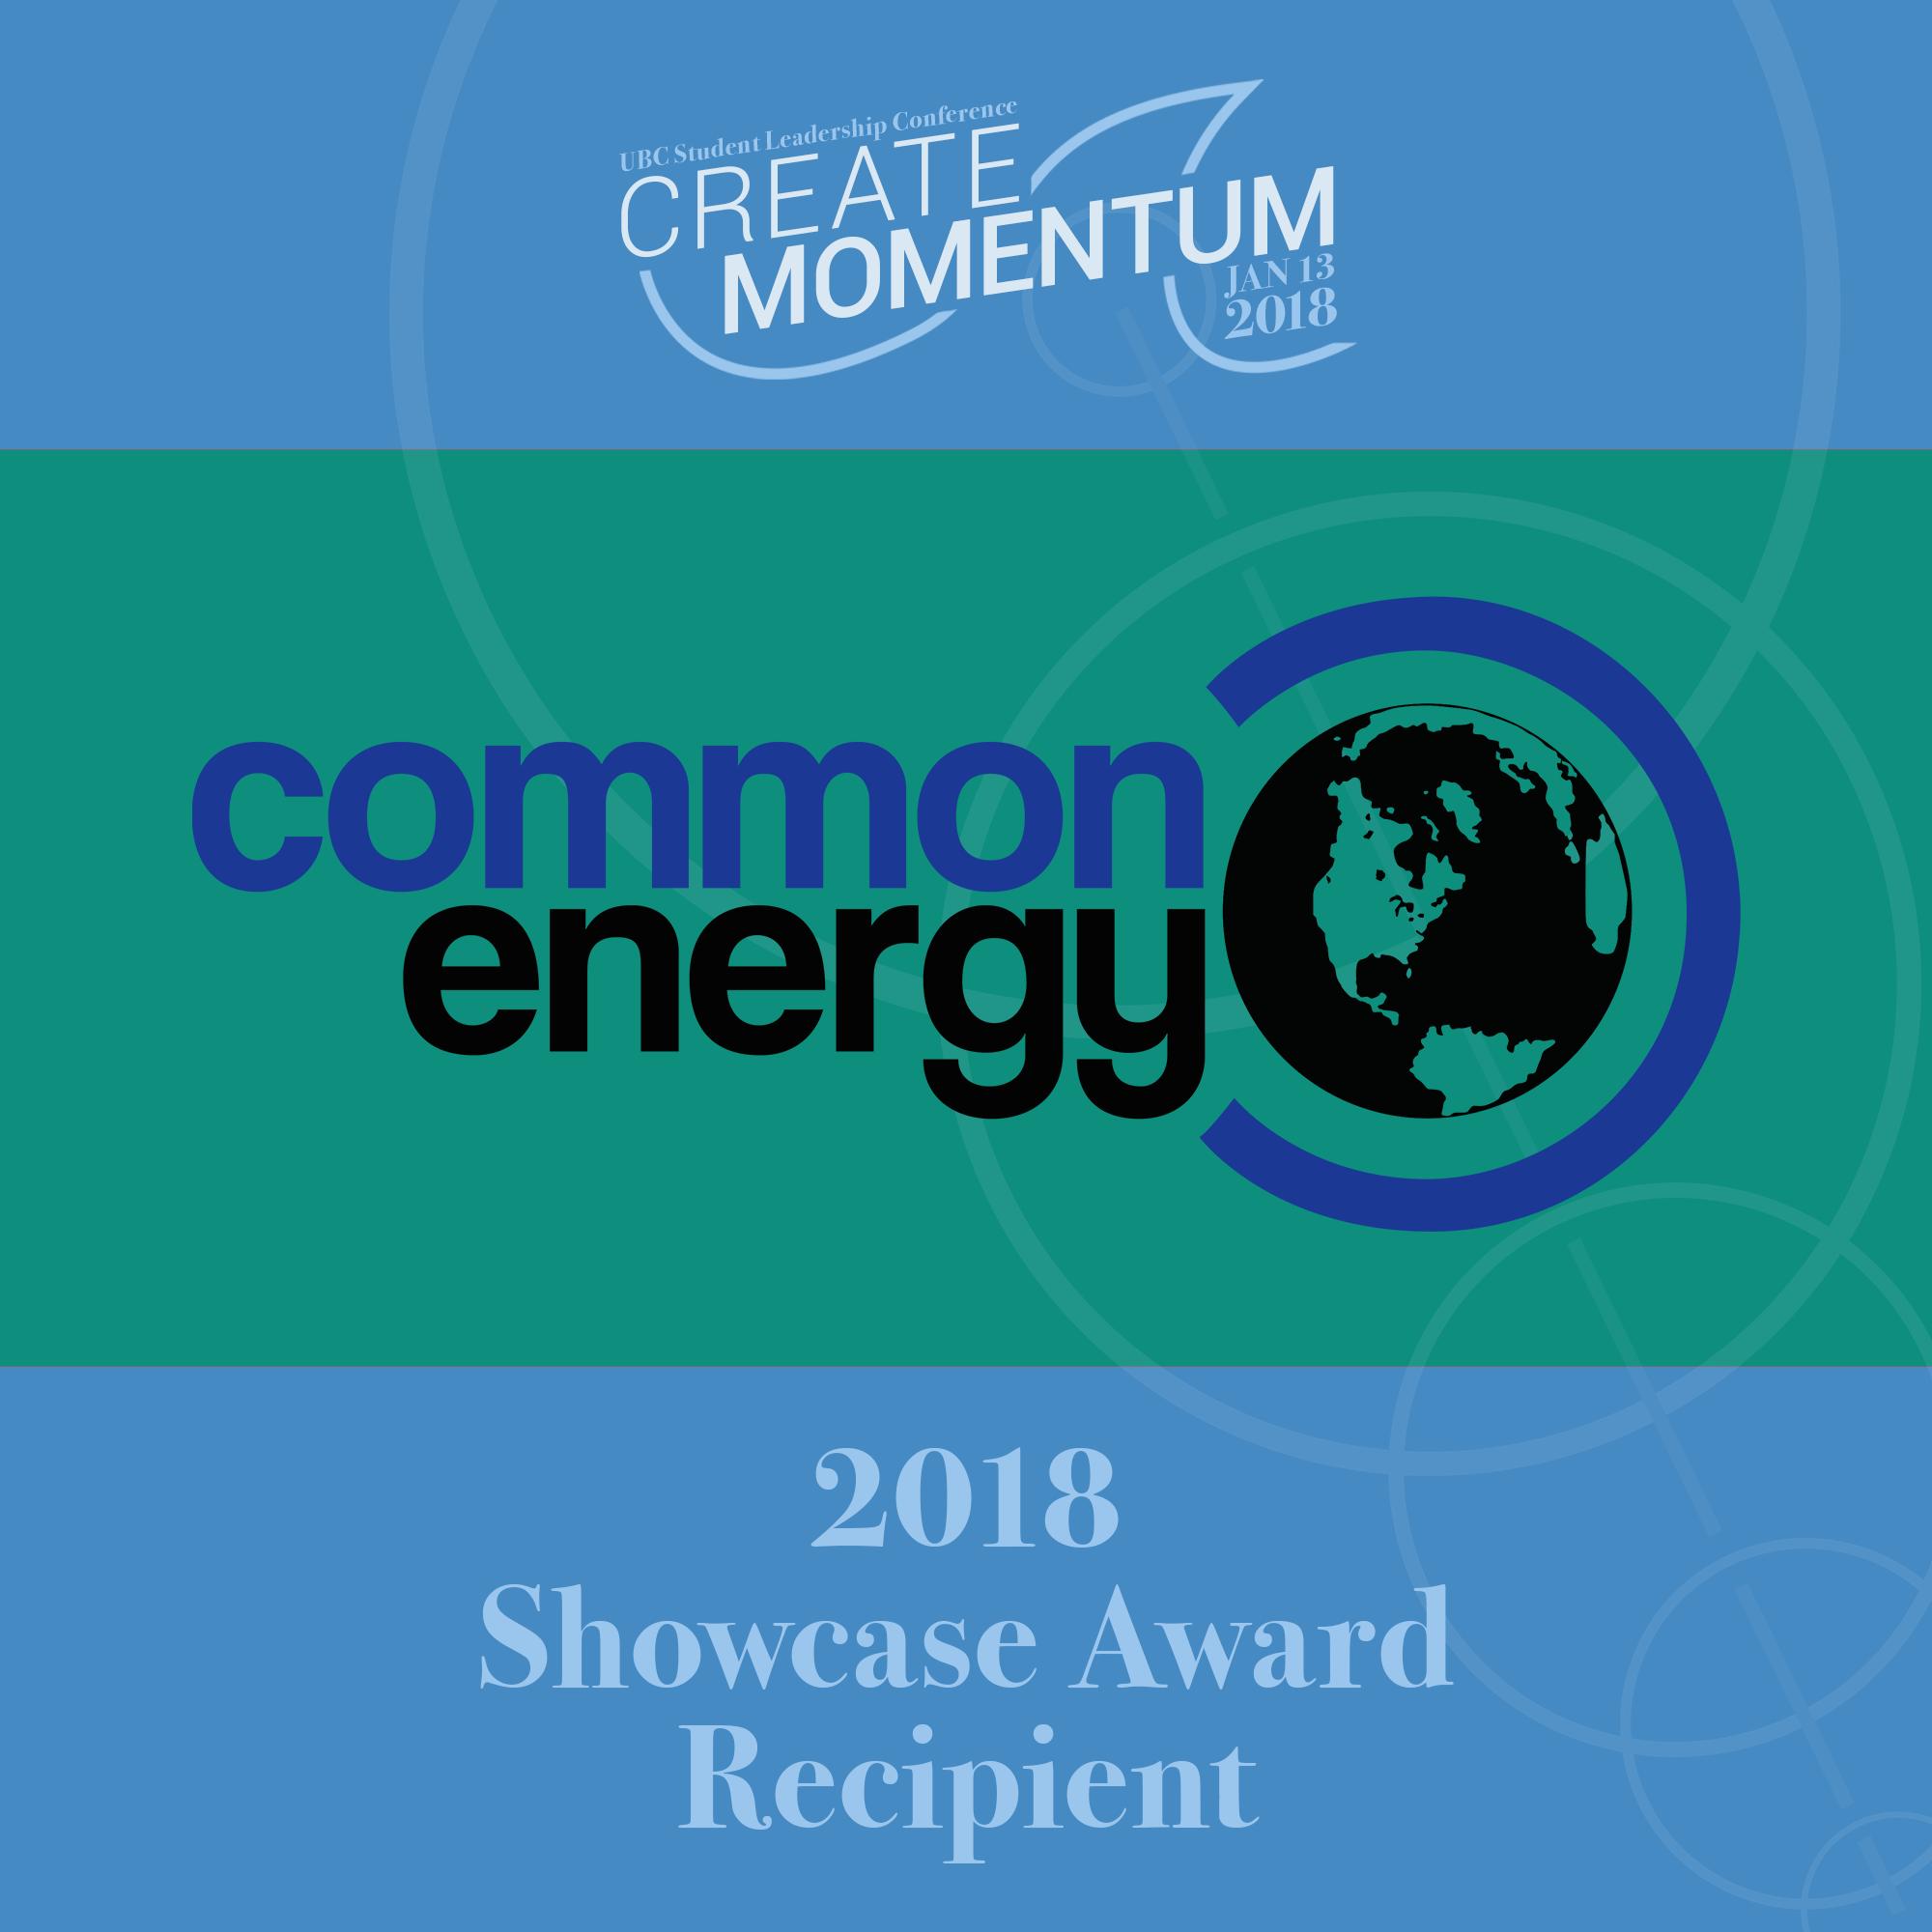 SLC Showcase Award Common Energy